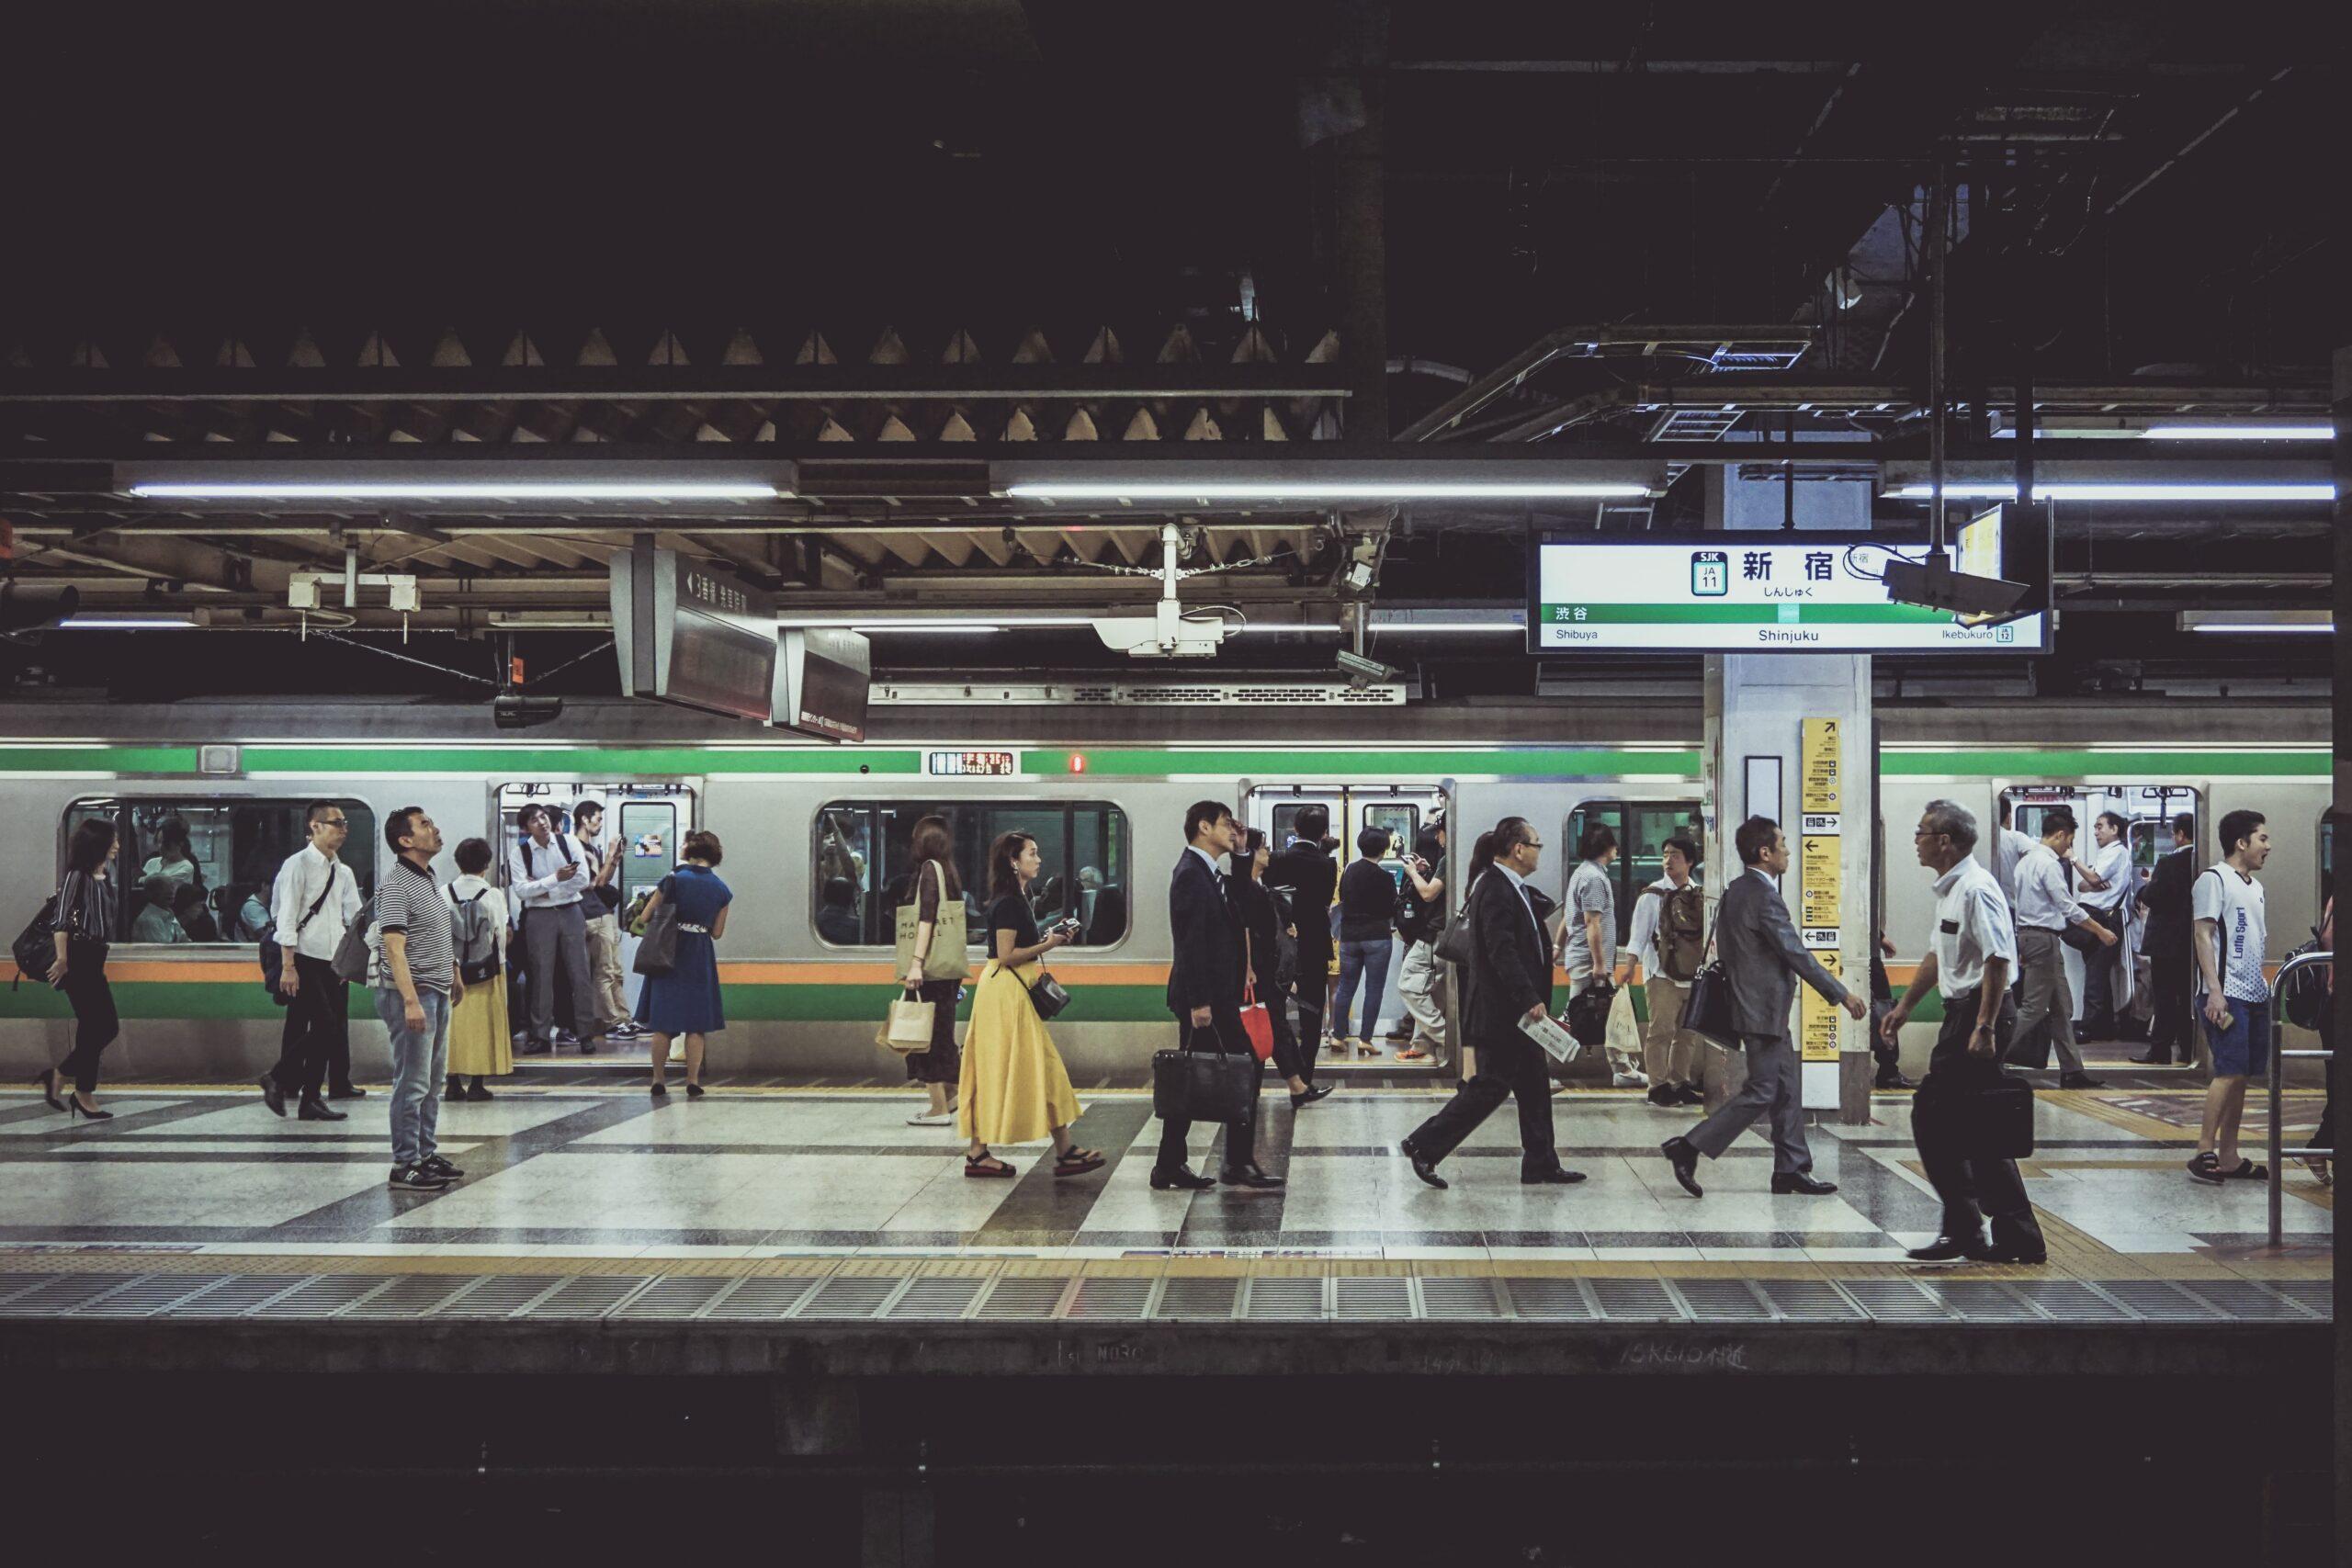 Estación de metro en Tokio